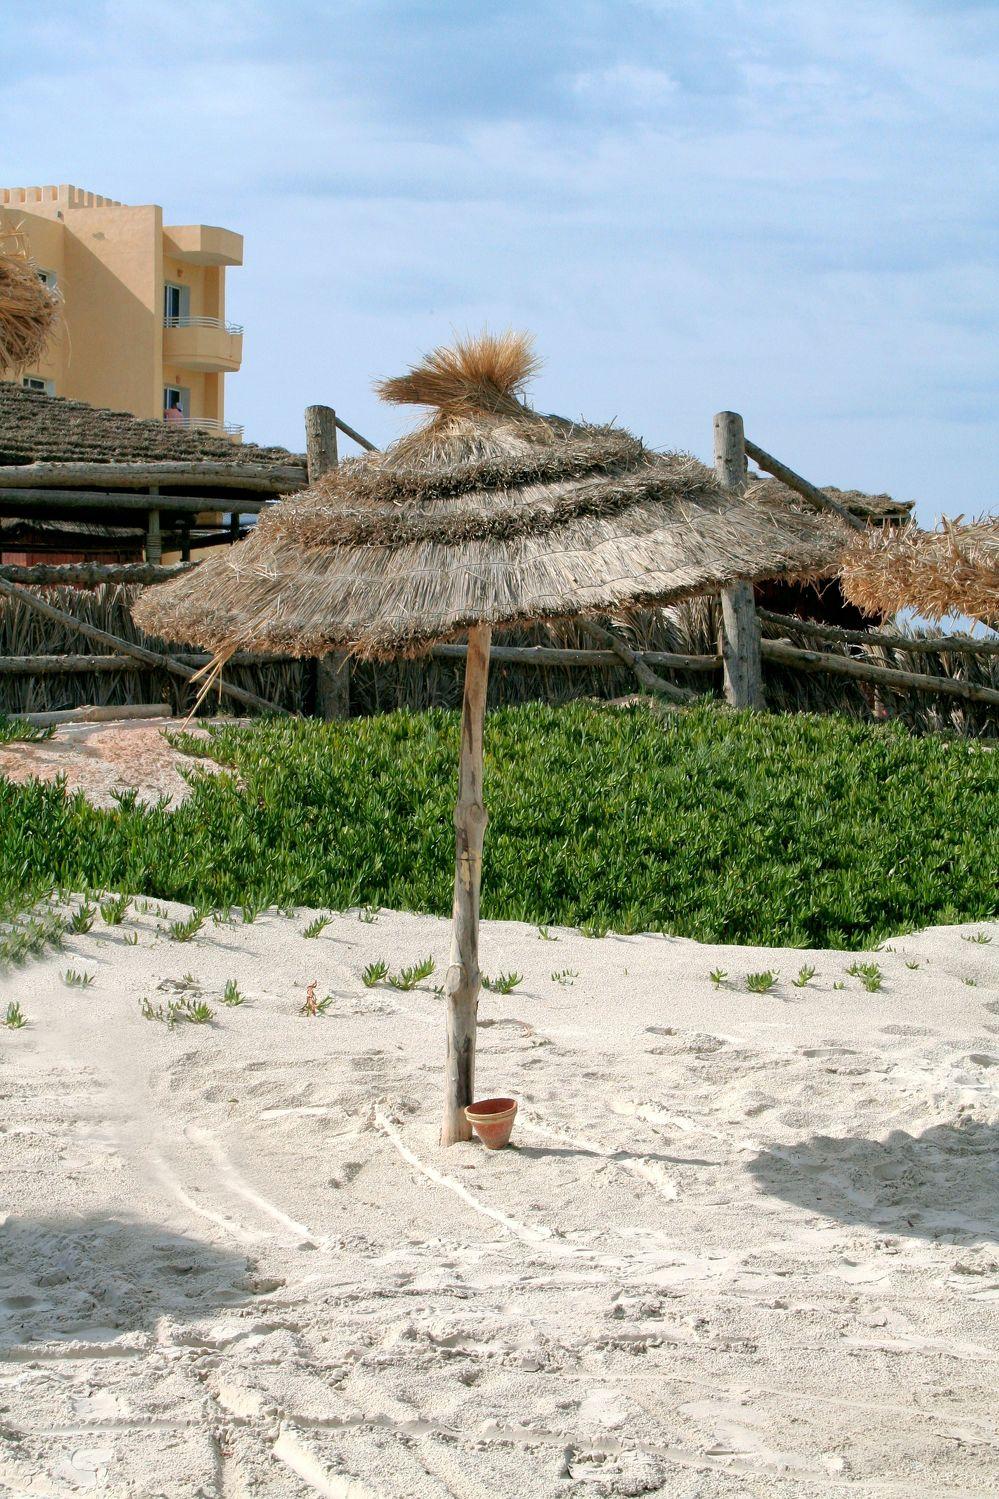 Bild mit Küsten und Ufer, Meere, Strände, Urlaub, Palmen, schirm